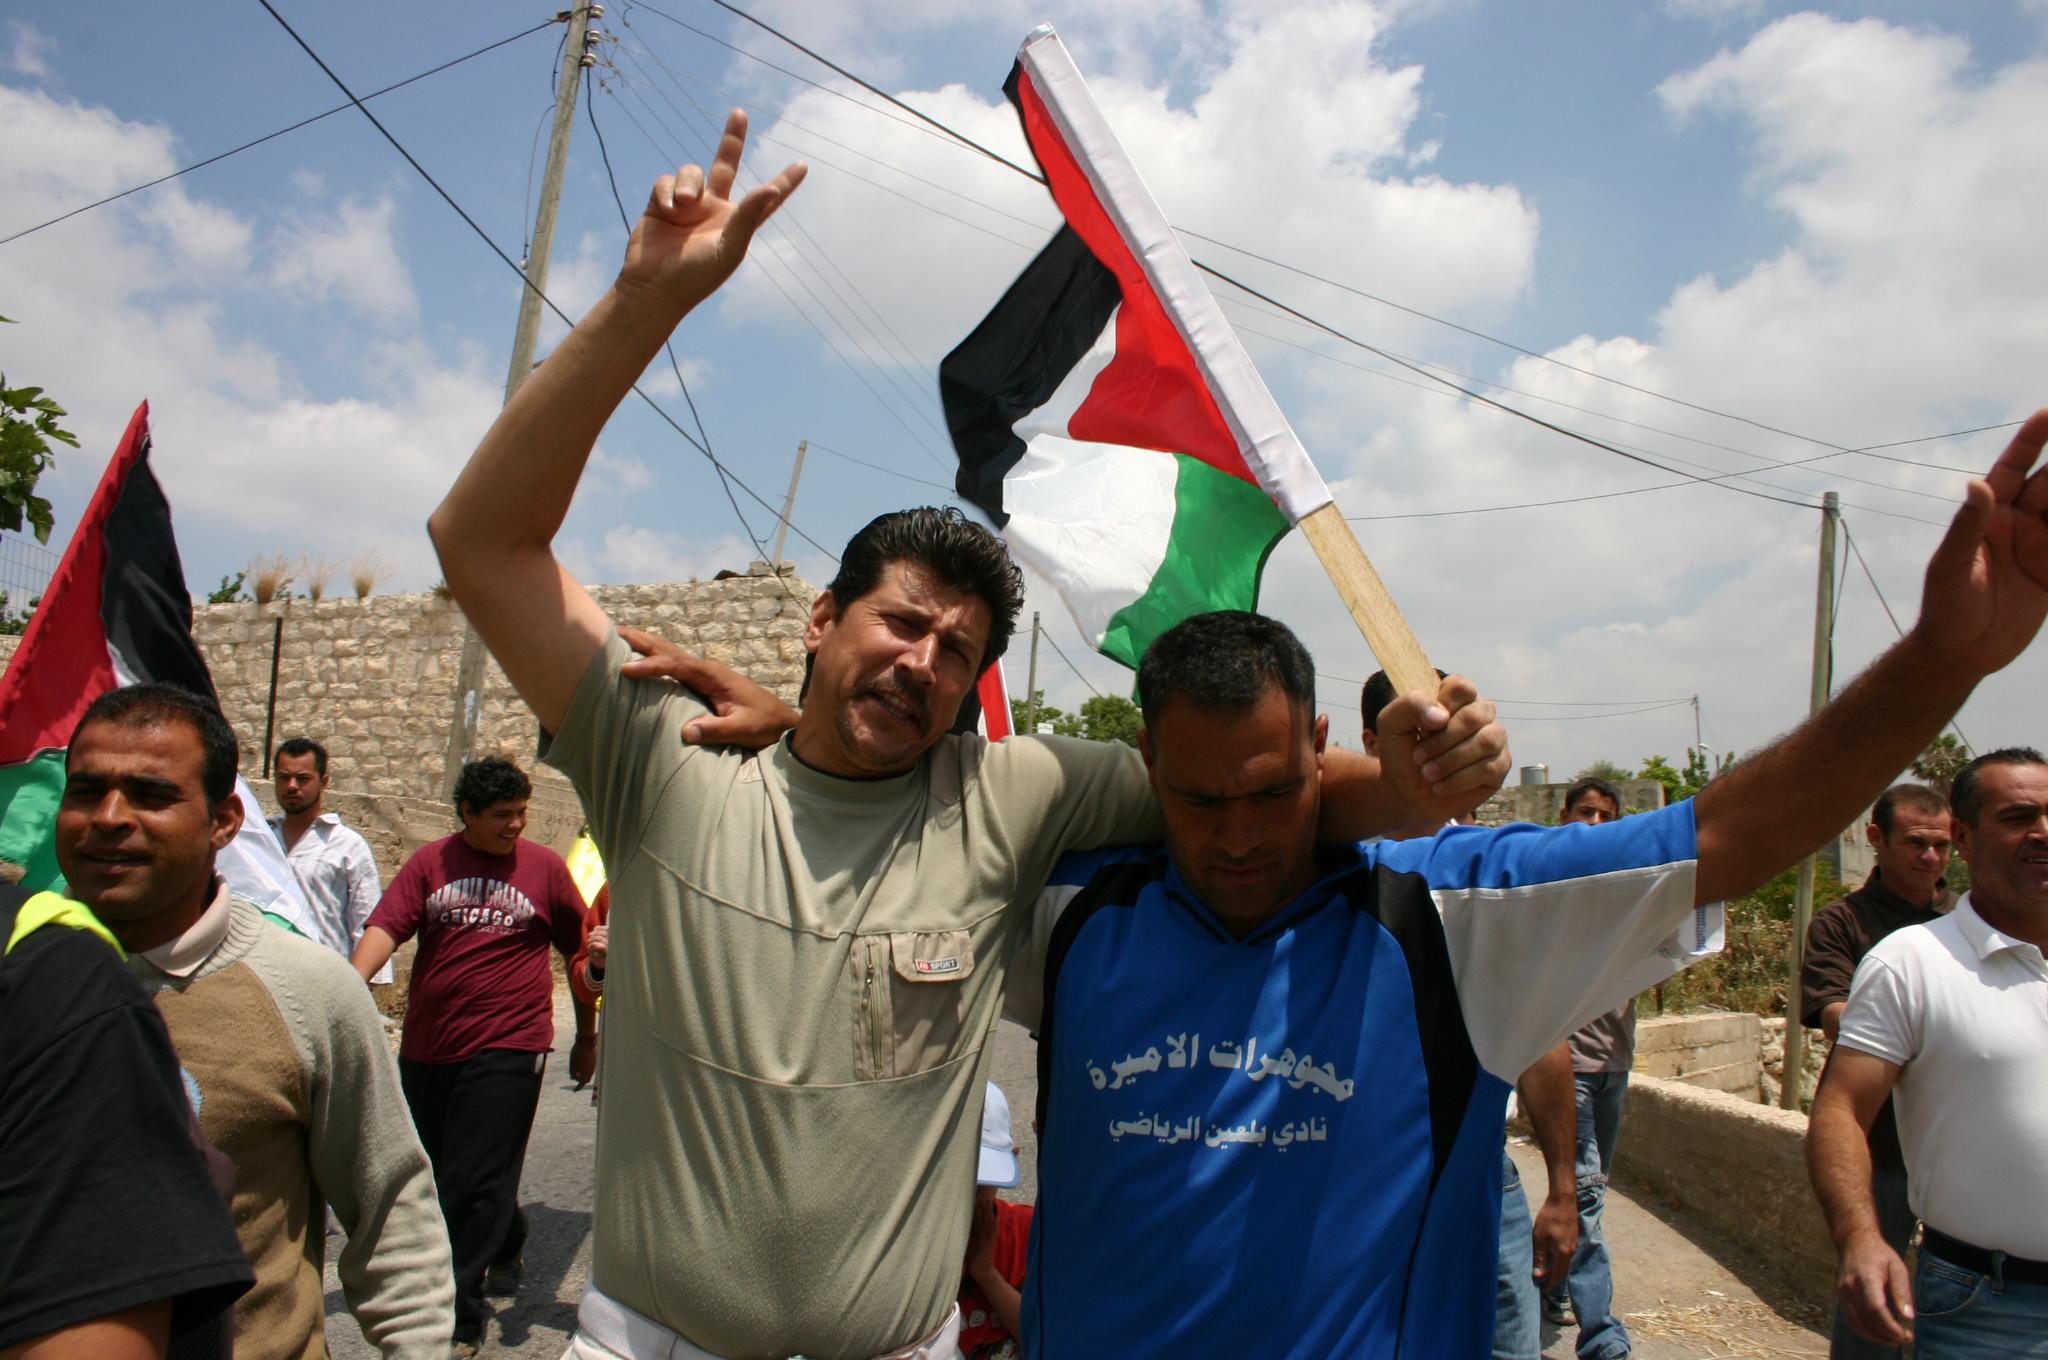 התהליך המדיני הוא עניין שבין הפלסטינים לאחיהם הערבים